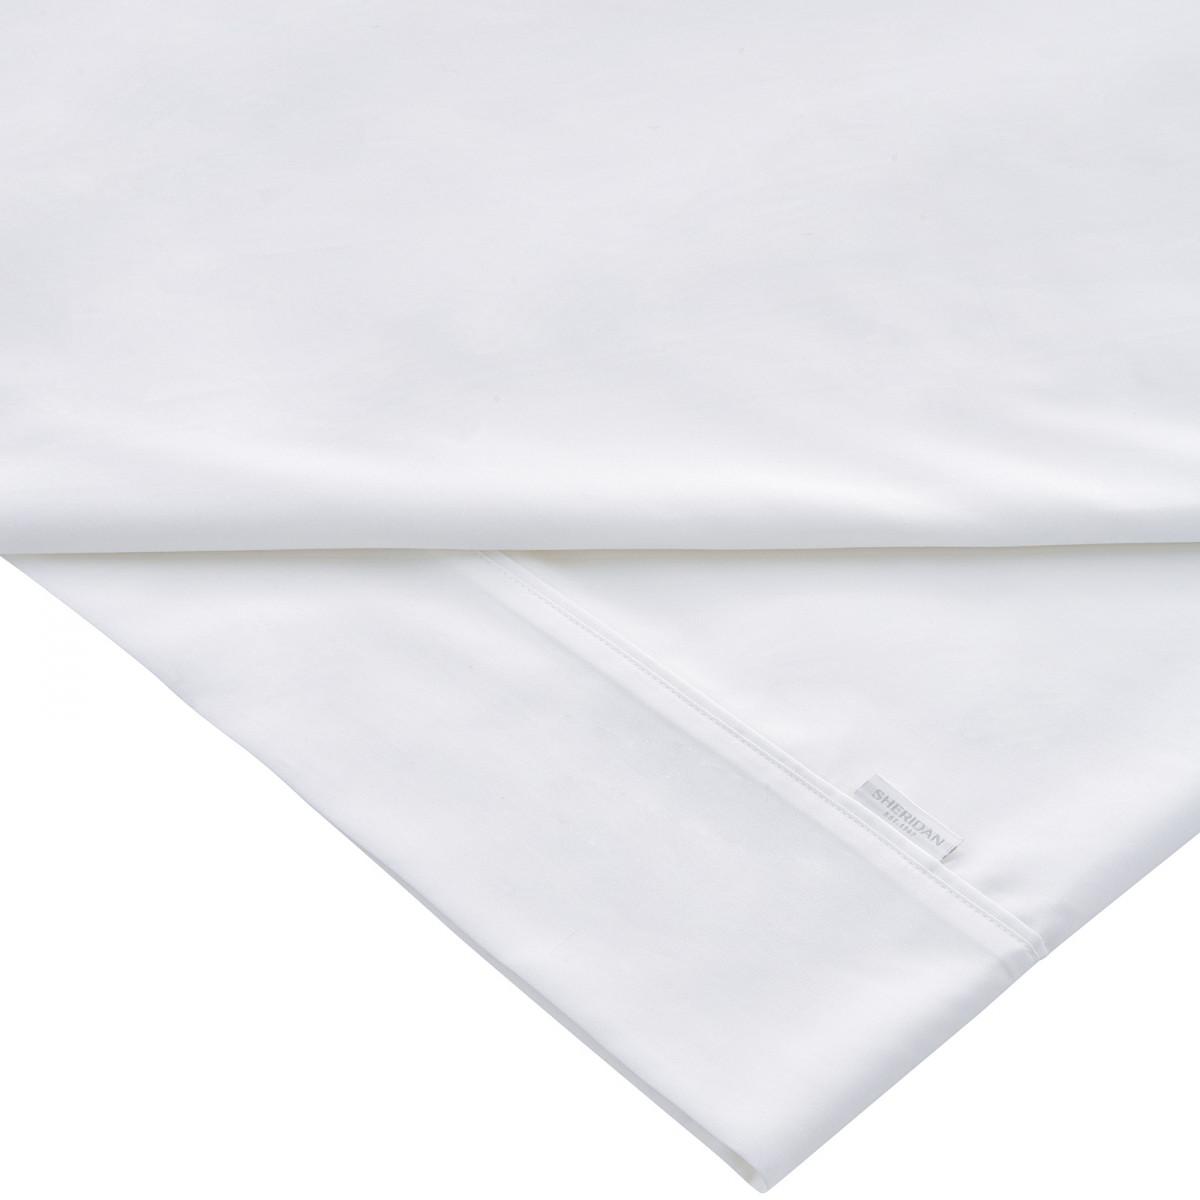 TENCEL FLAT SHEET SUPERKING - WHITE